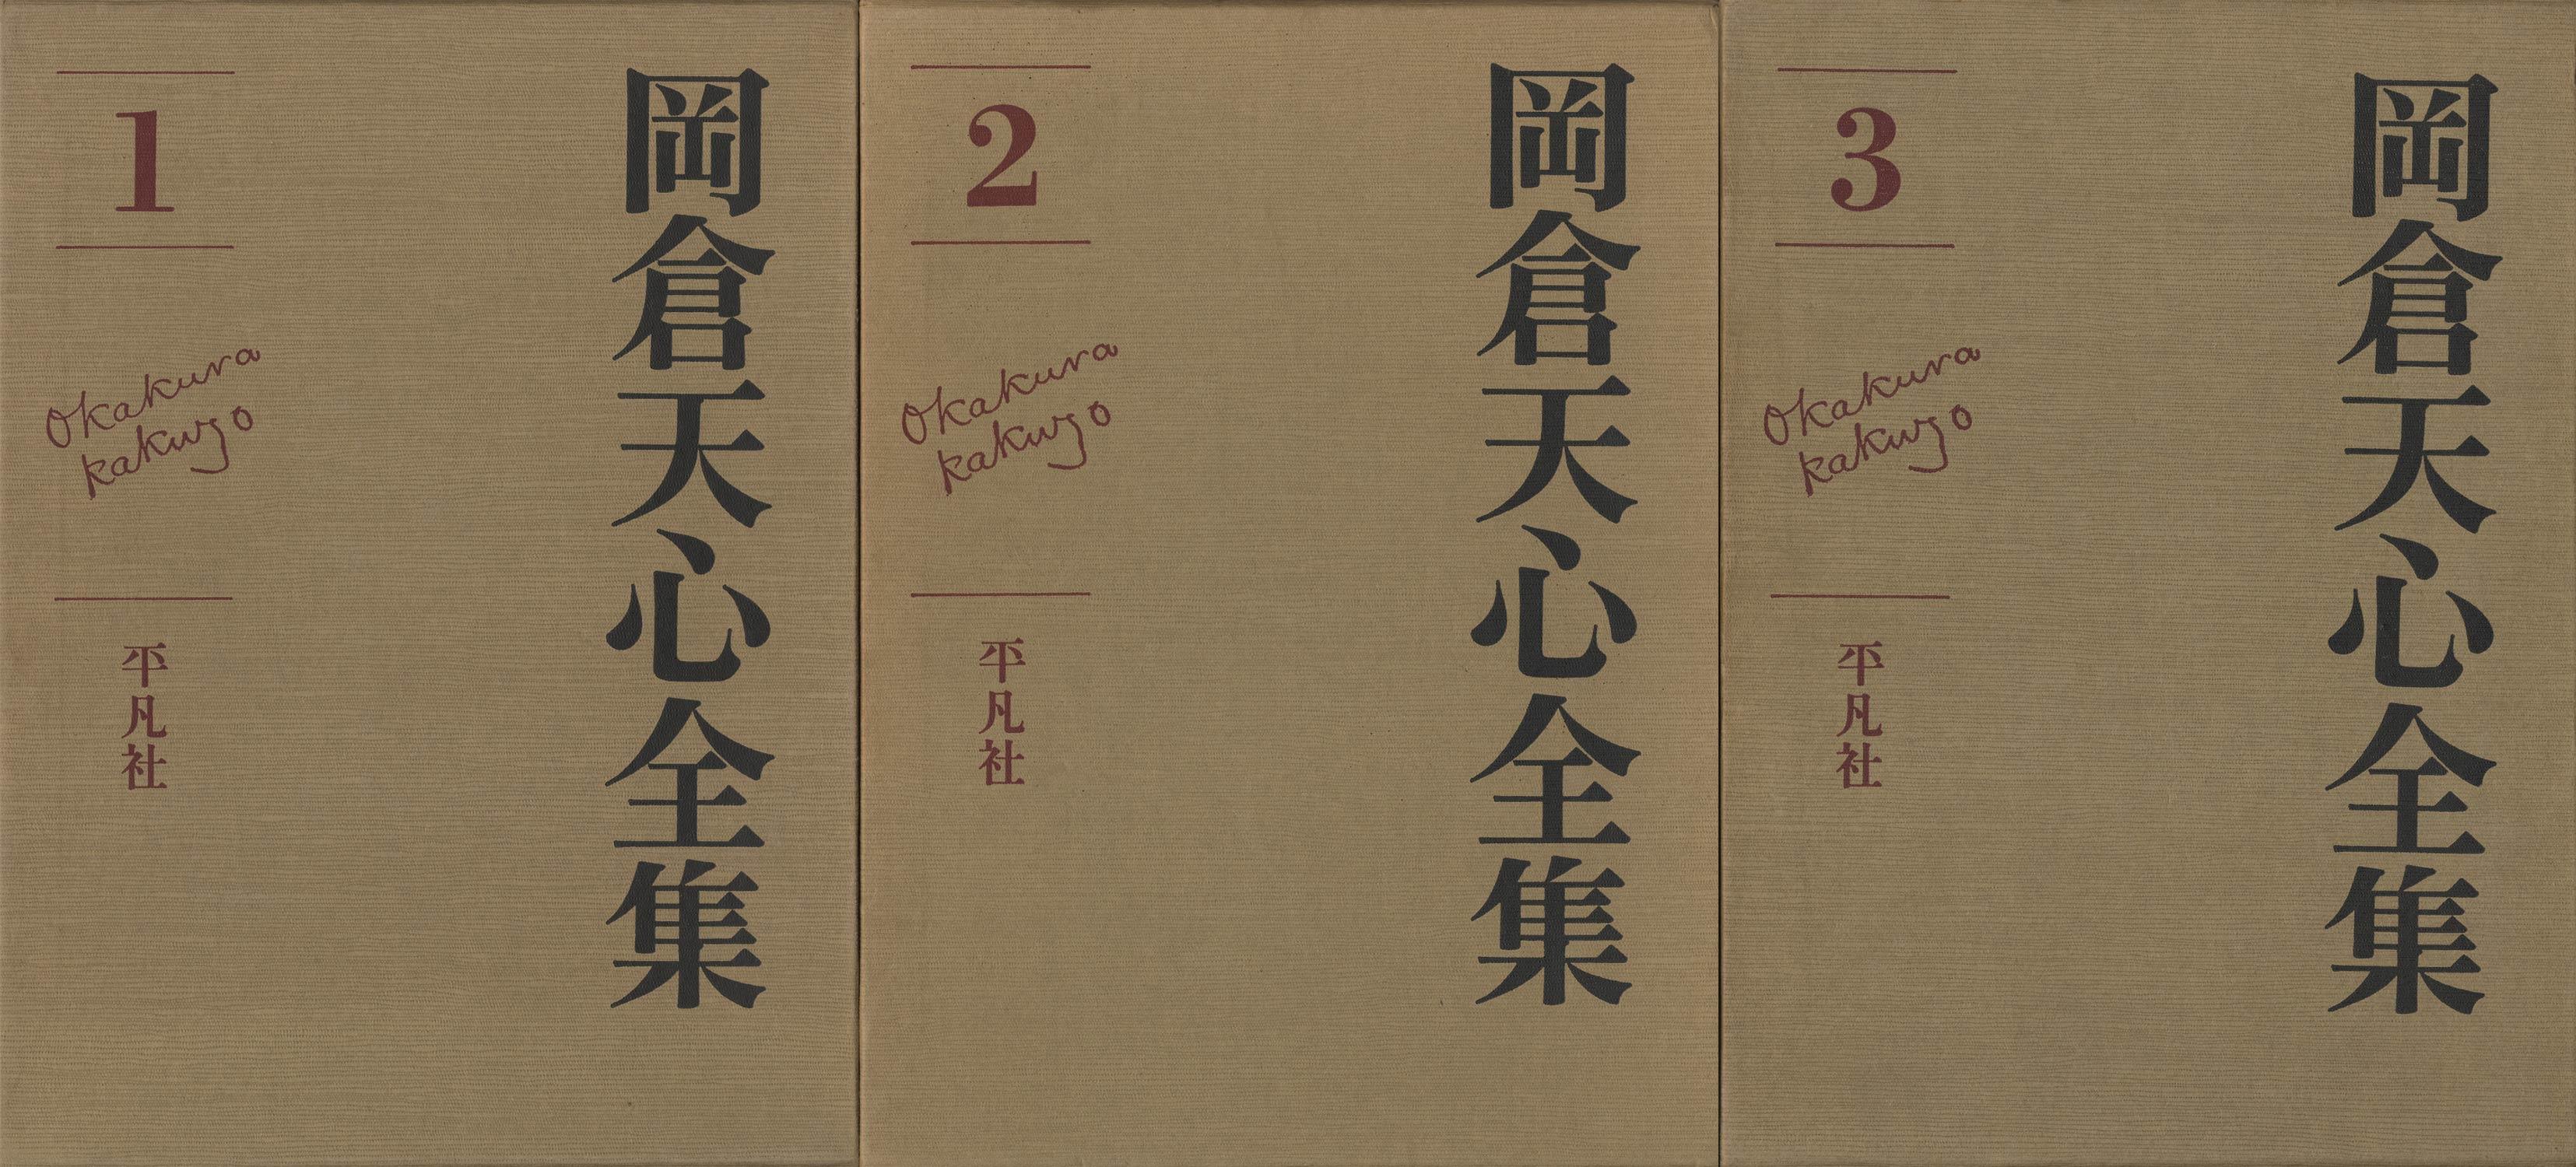 岡倉天心全集 全9冊(8巻+別巻)[image3]